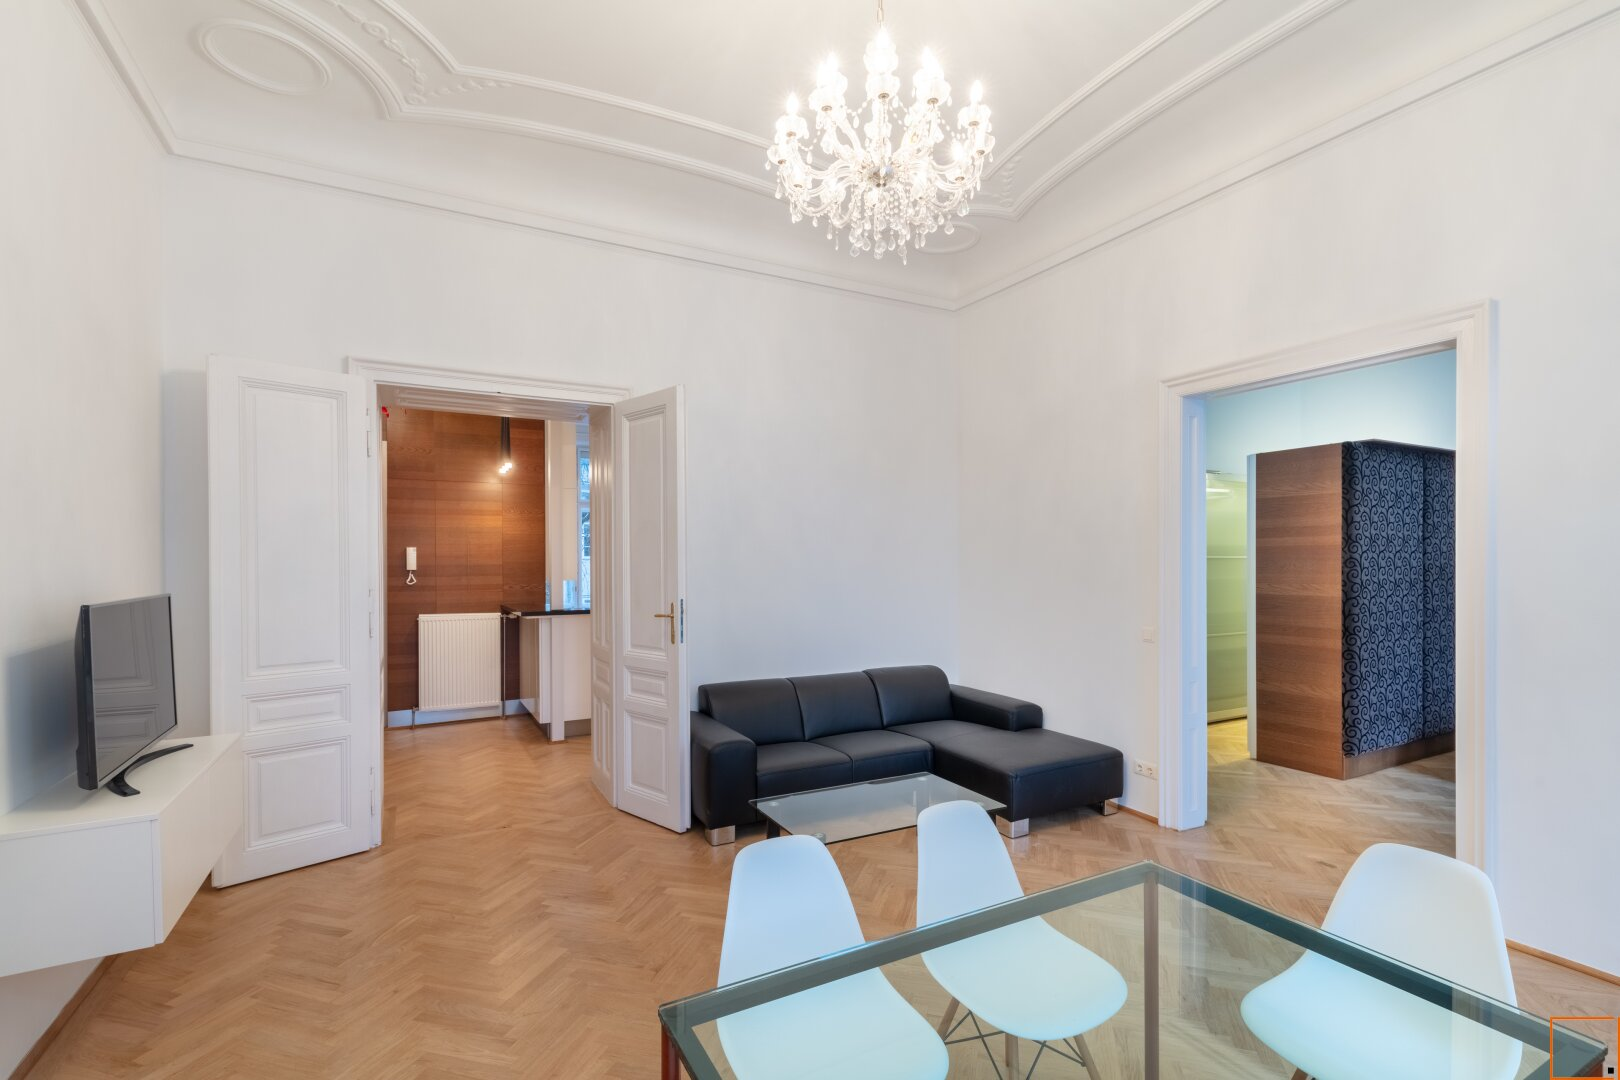 Wohnzimmer - Teilansicht Wohnen